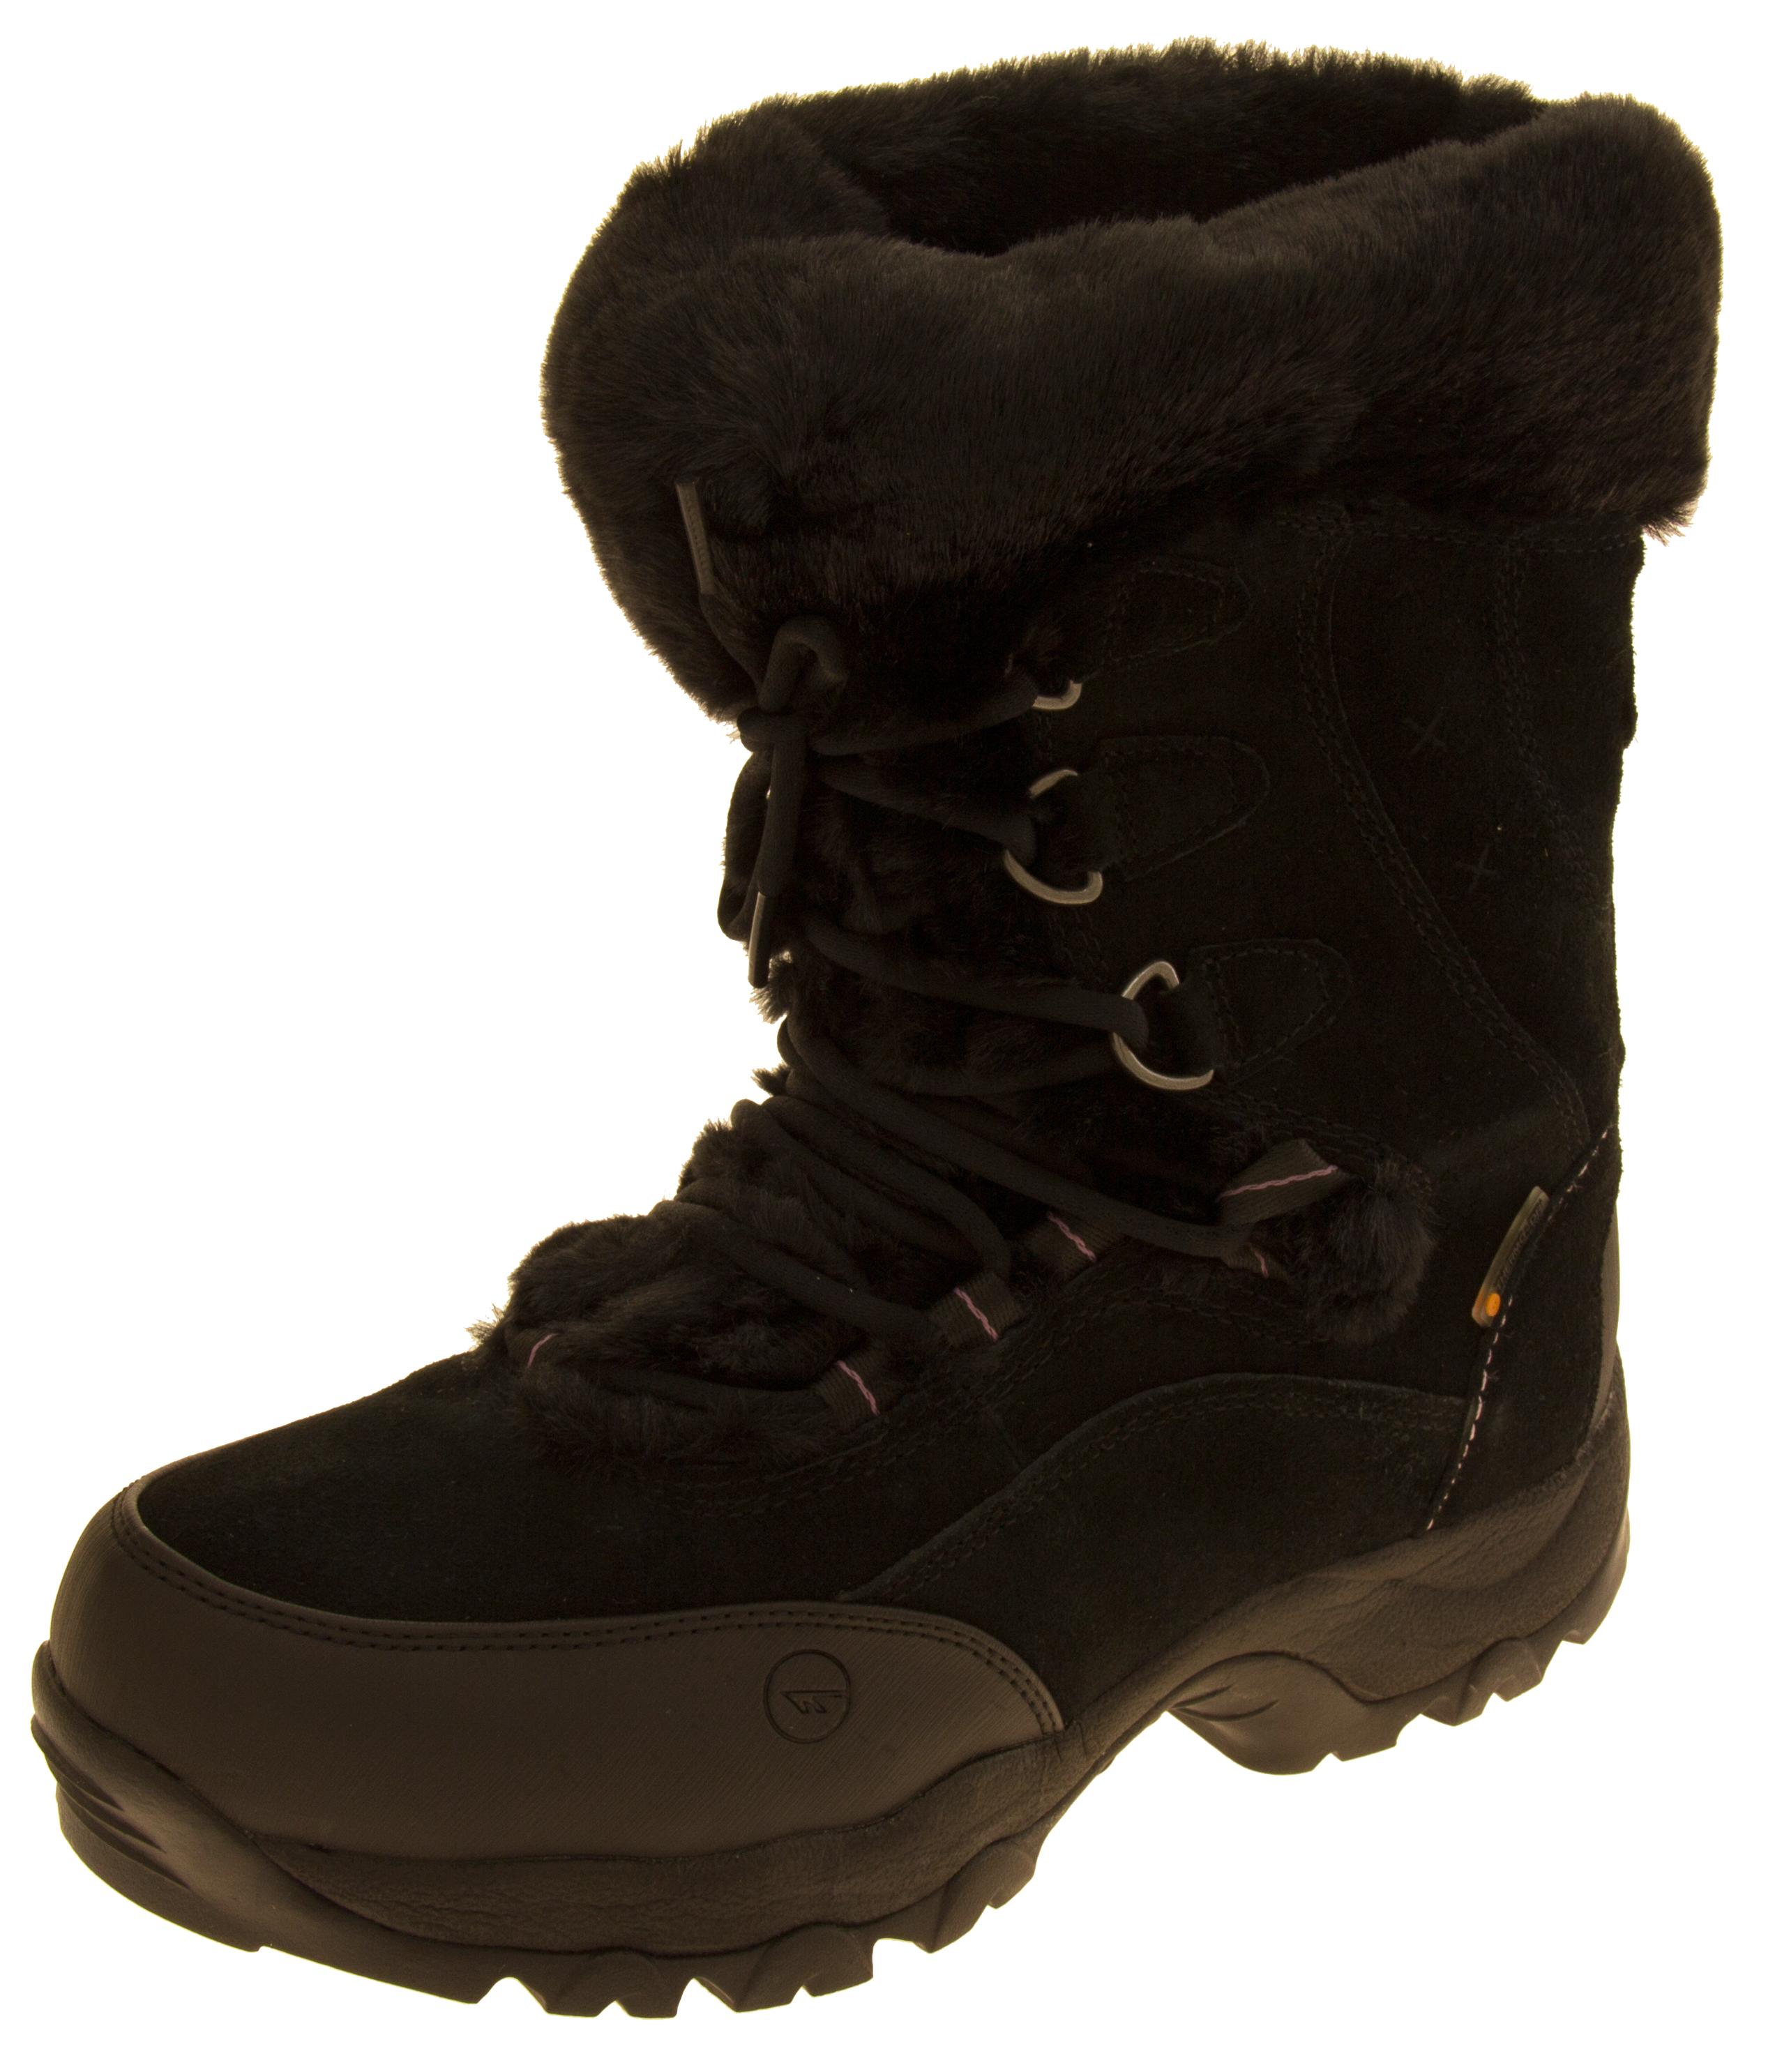 Ladies hi tec waterproof suede faux fur winter snow boots